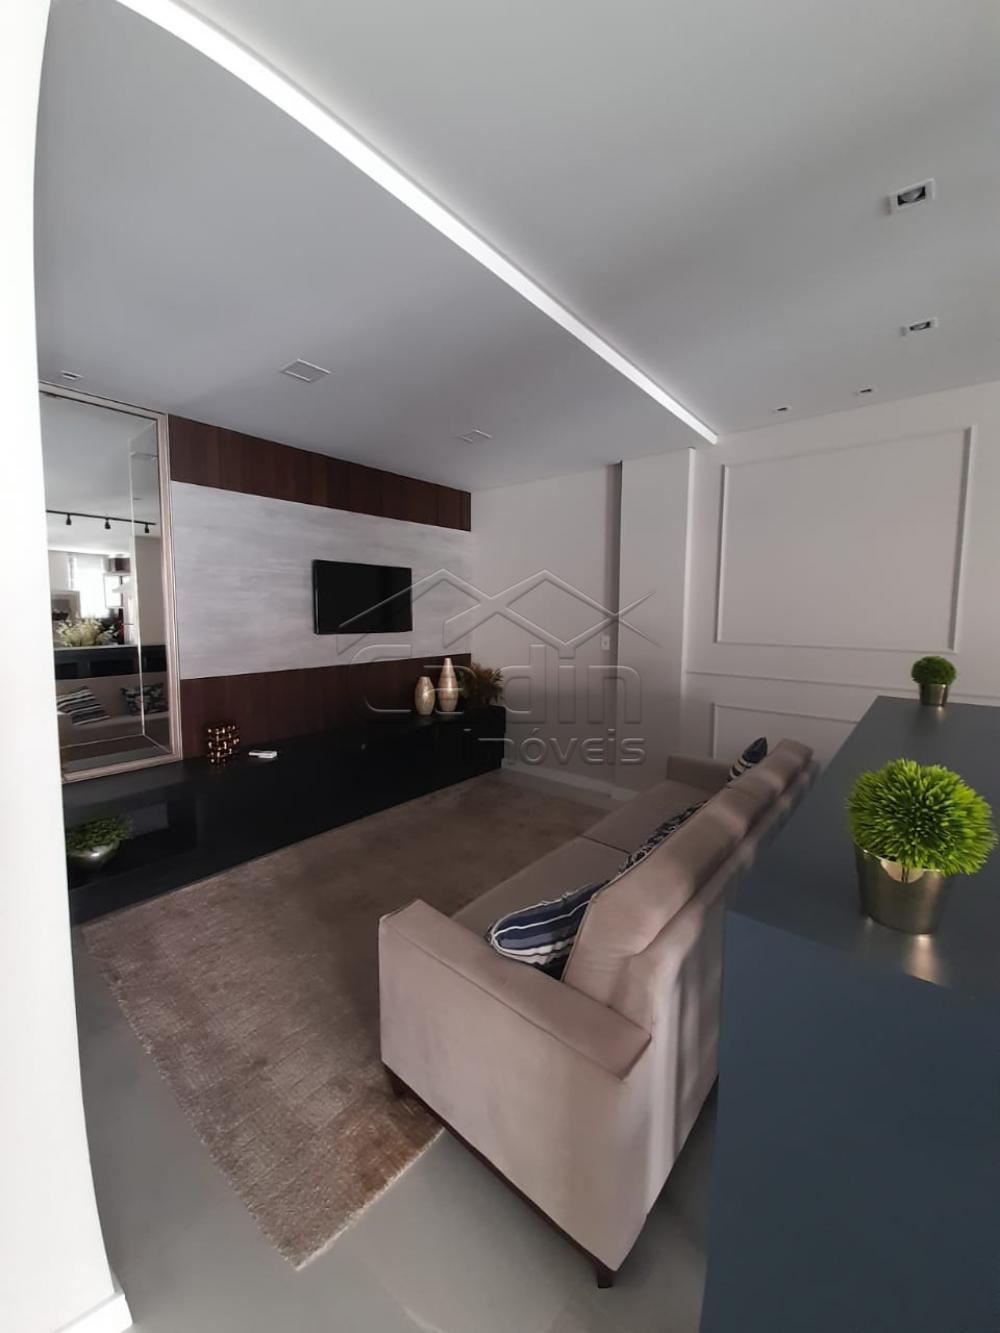 Comprar Apartamento / Padrão em Navegantes R$ 630.000,00 - Foto 13